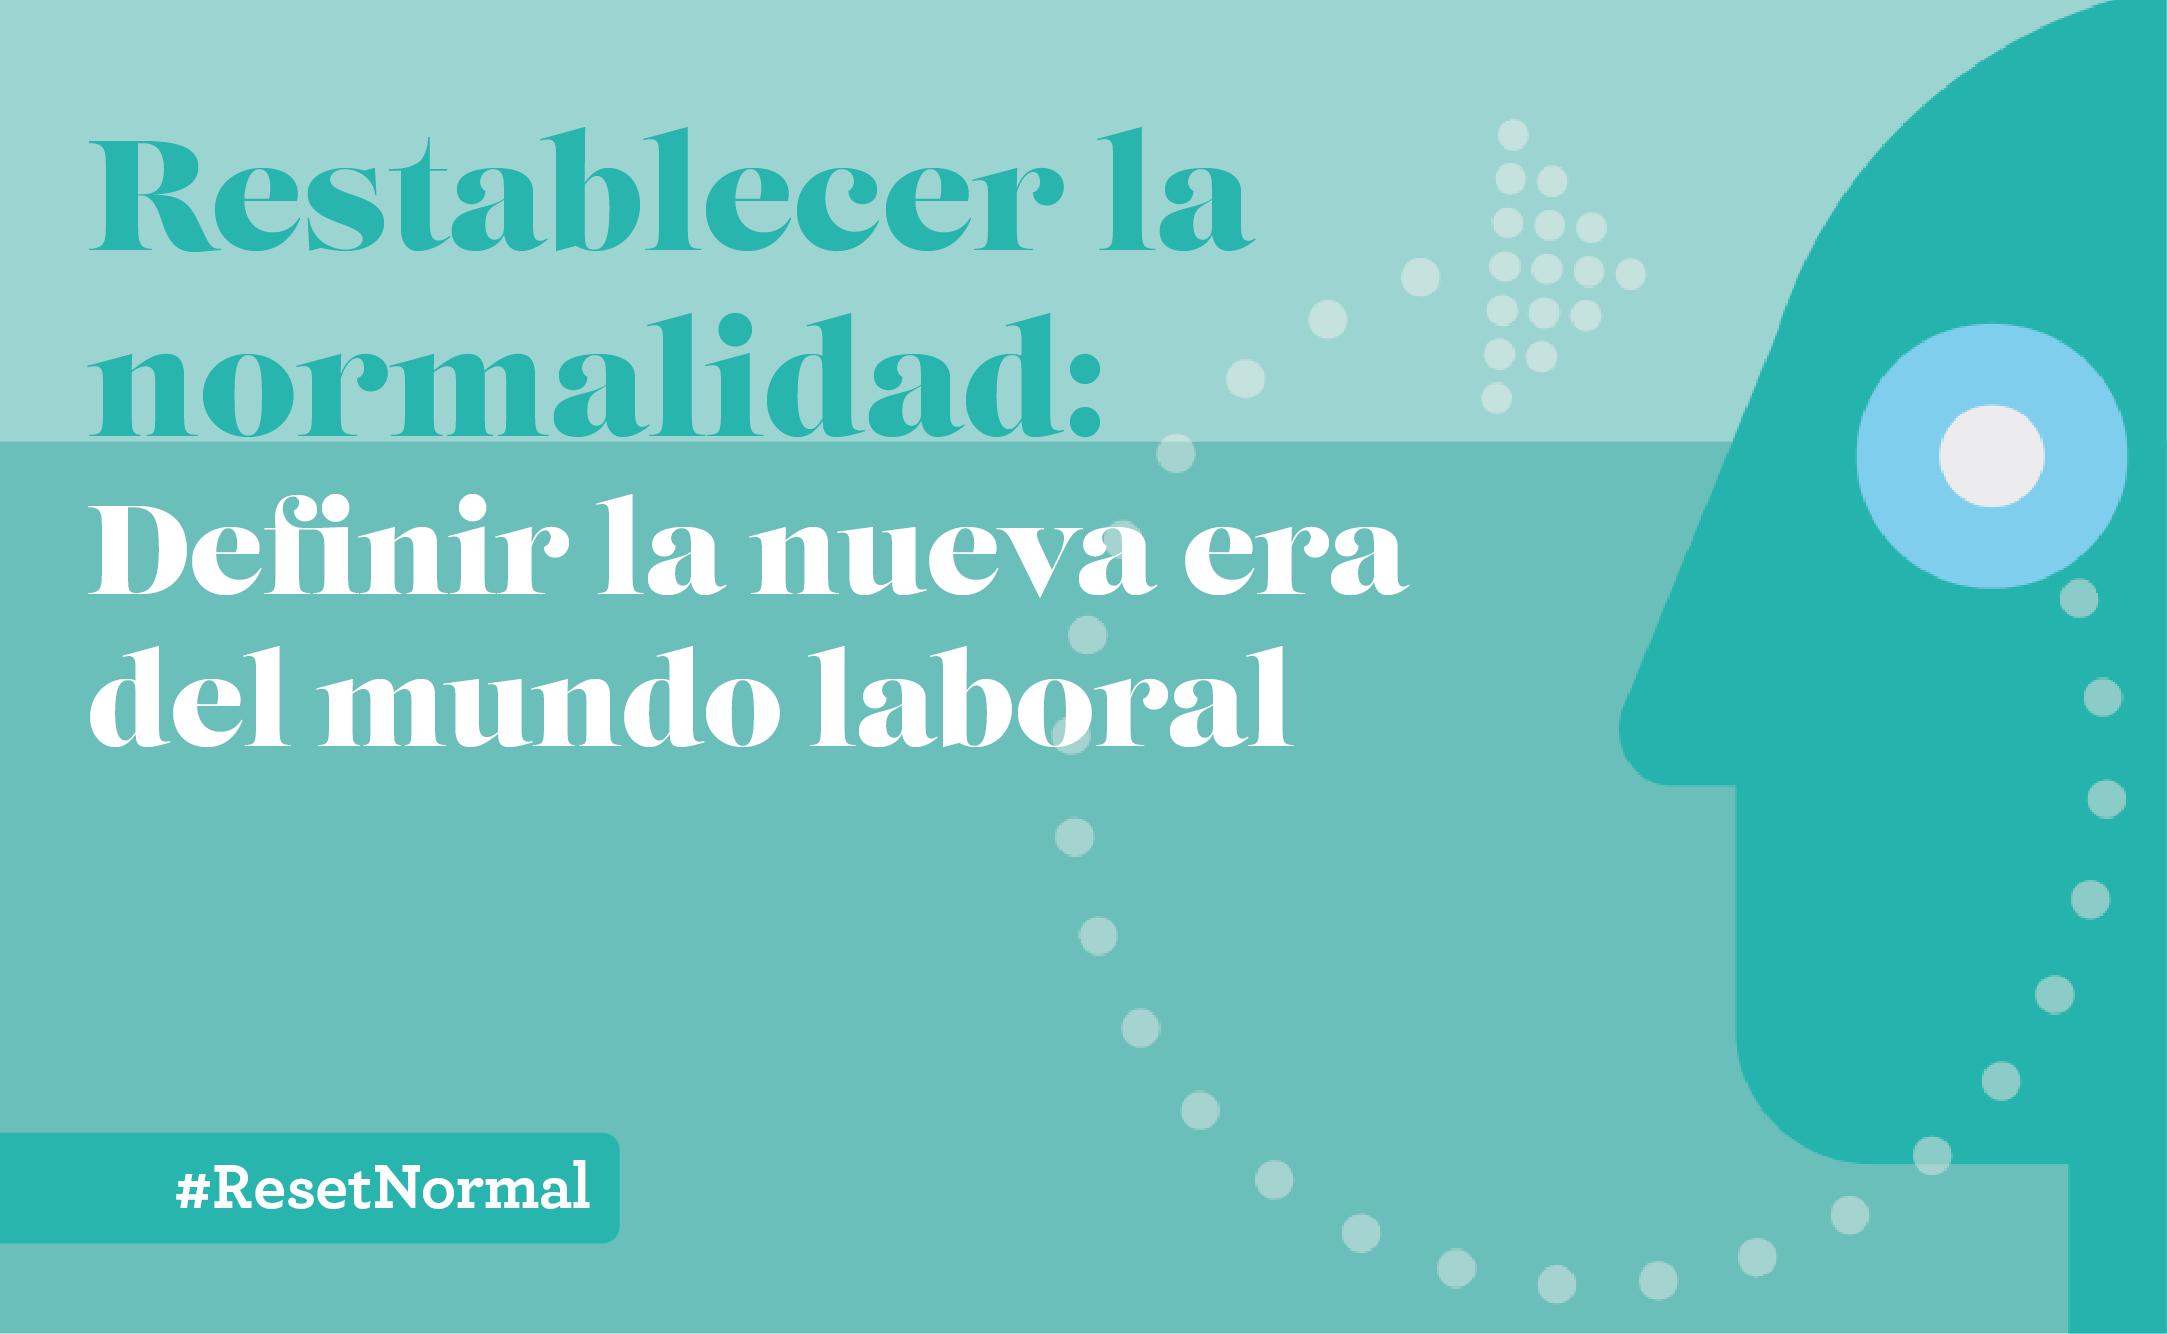 Estudio revela las expectativas sobre el entorno laboral de los trabajadores después de la pandemia